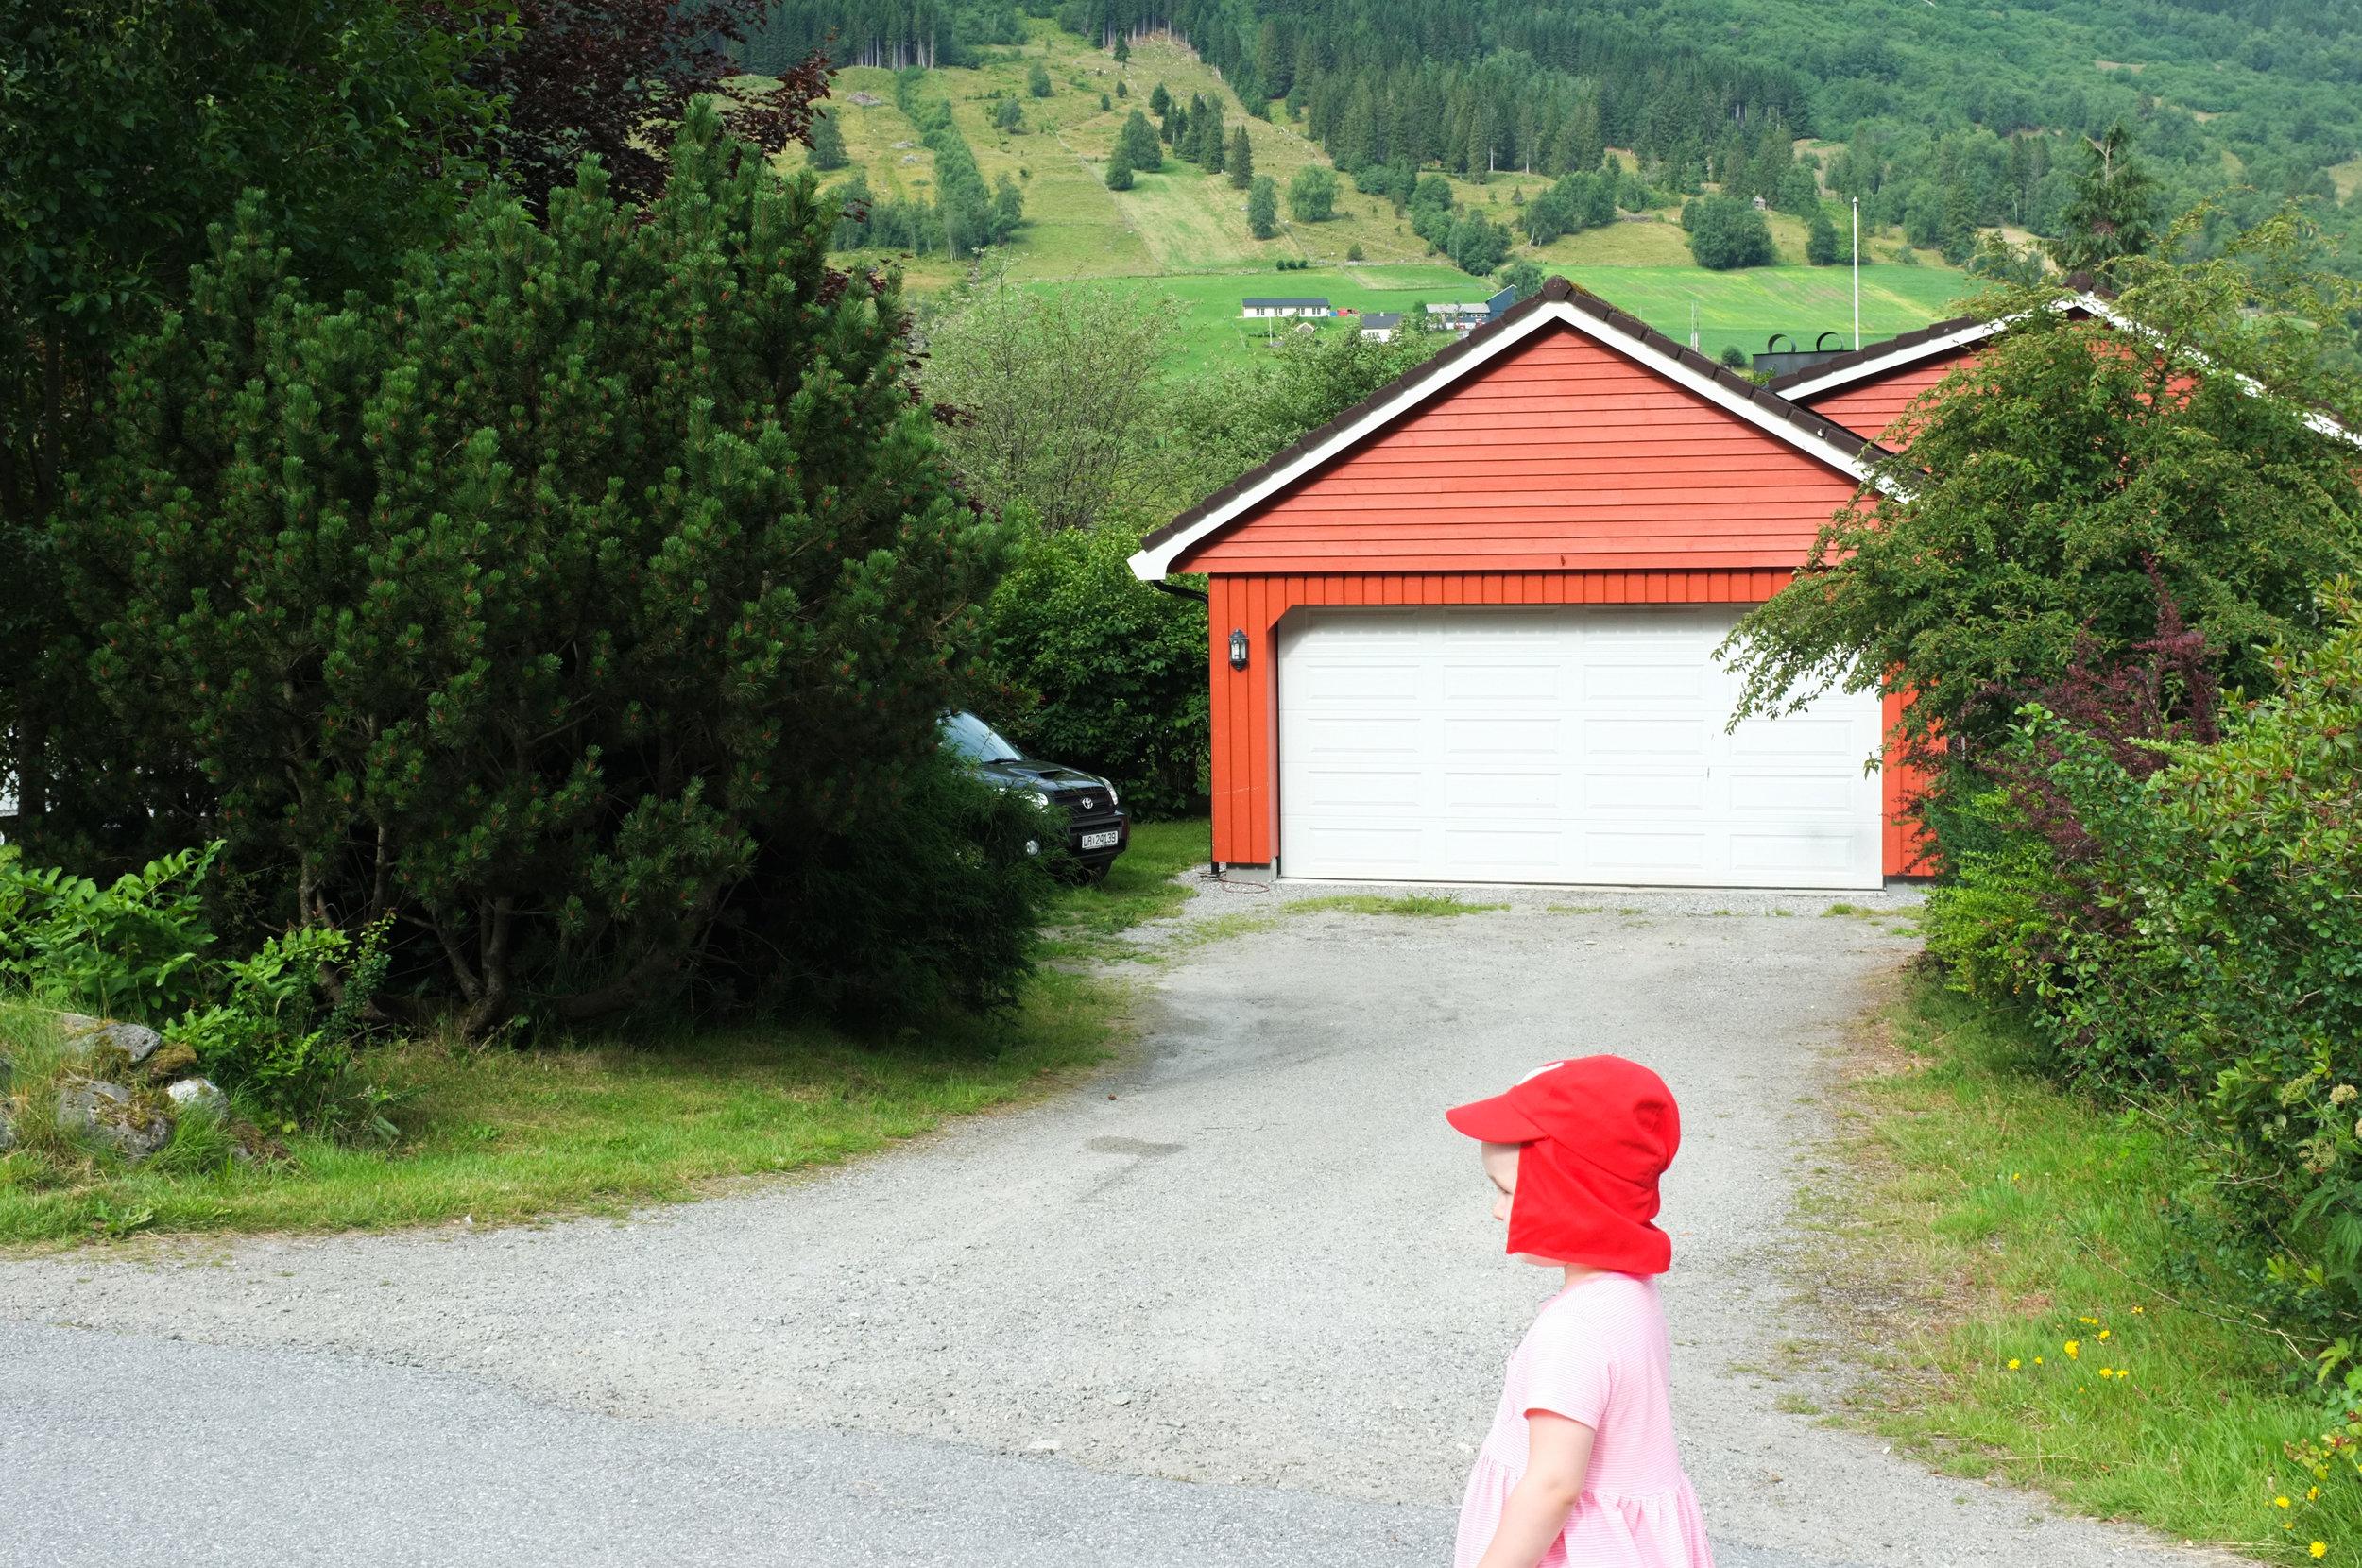 Norway-2018-5.jpg